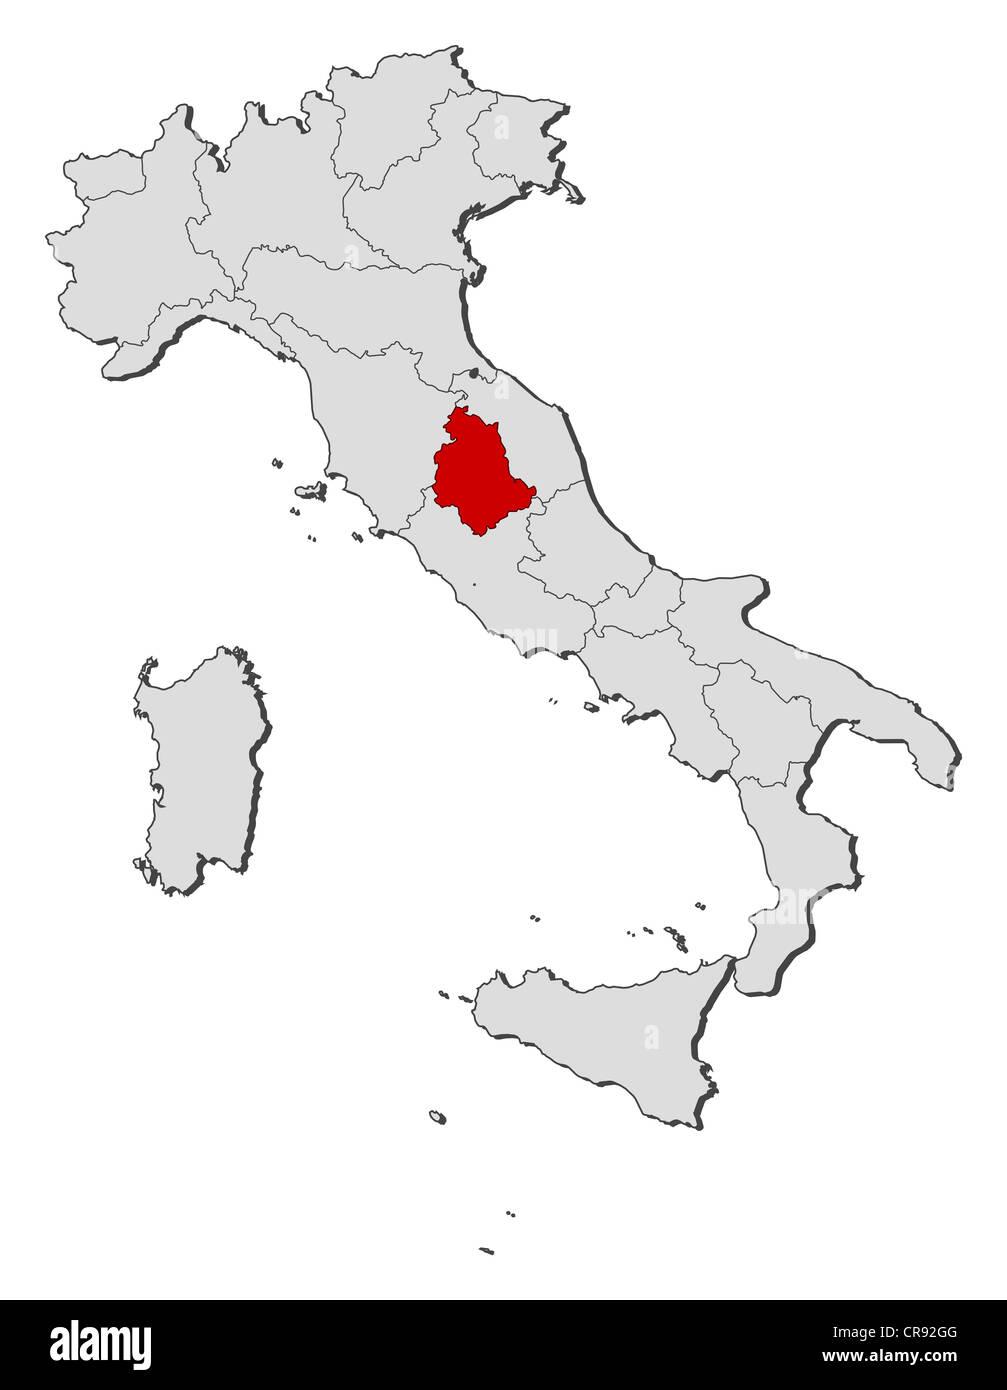 Cartina Italia Politica Umbria.Vettori Vettoriali Umbria Immagini E Fotos Stock Alamy